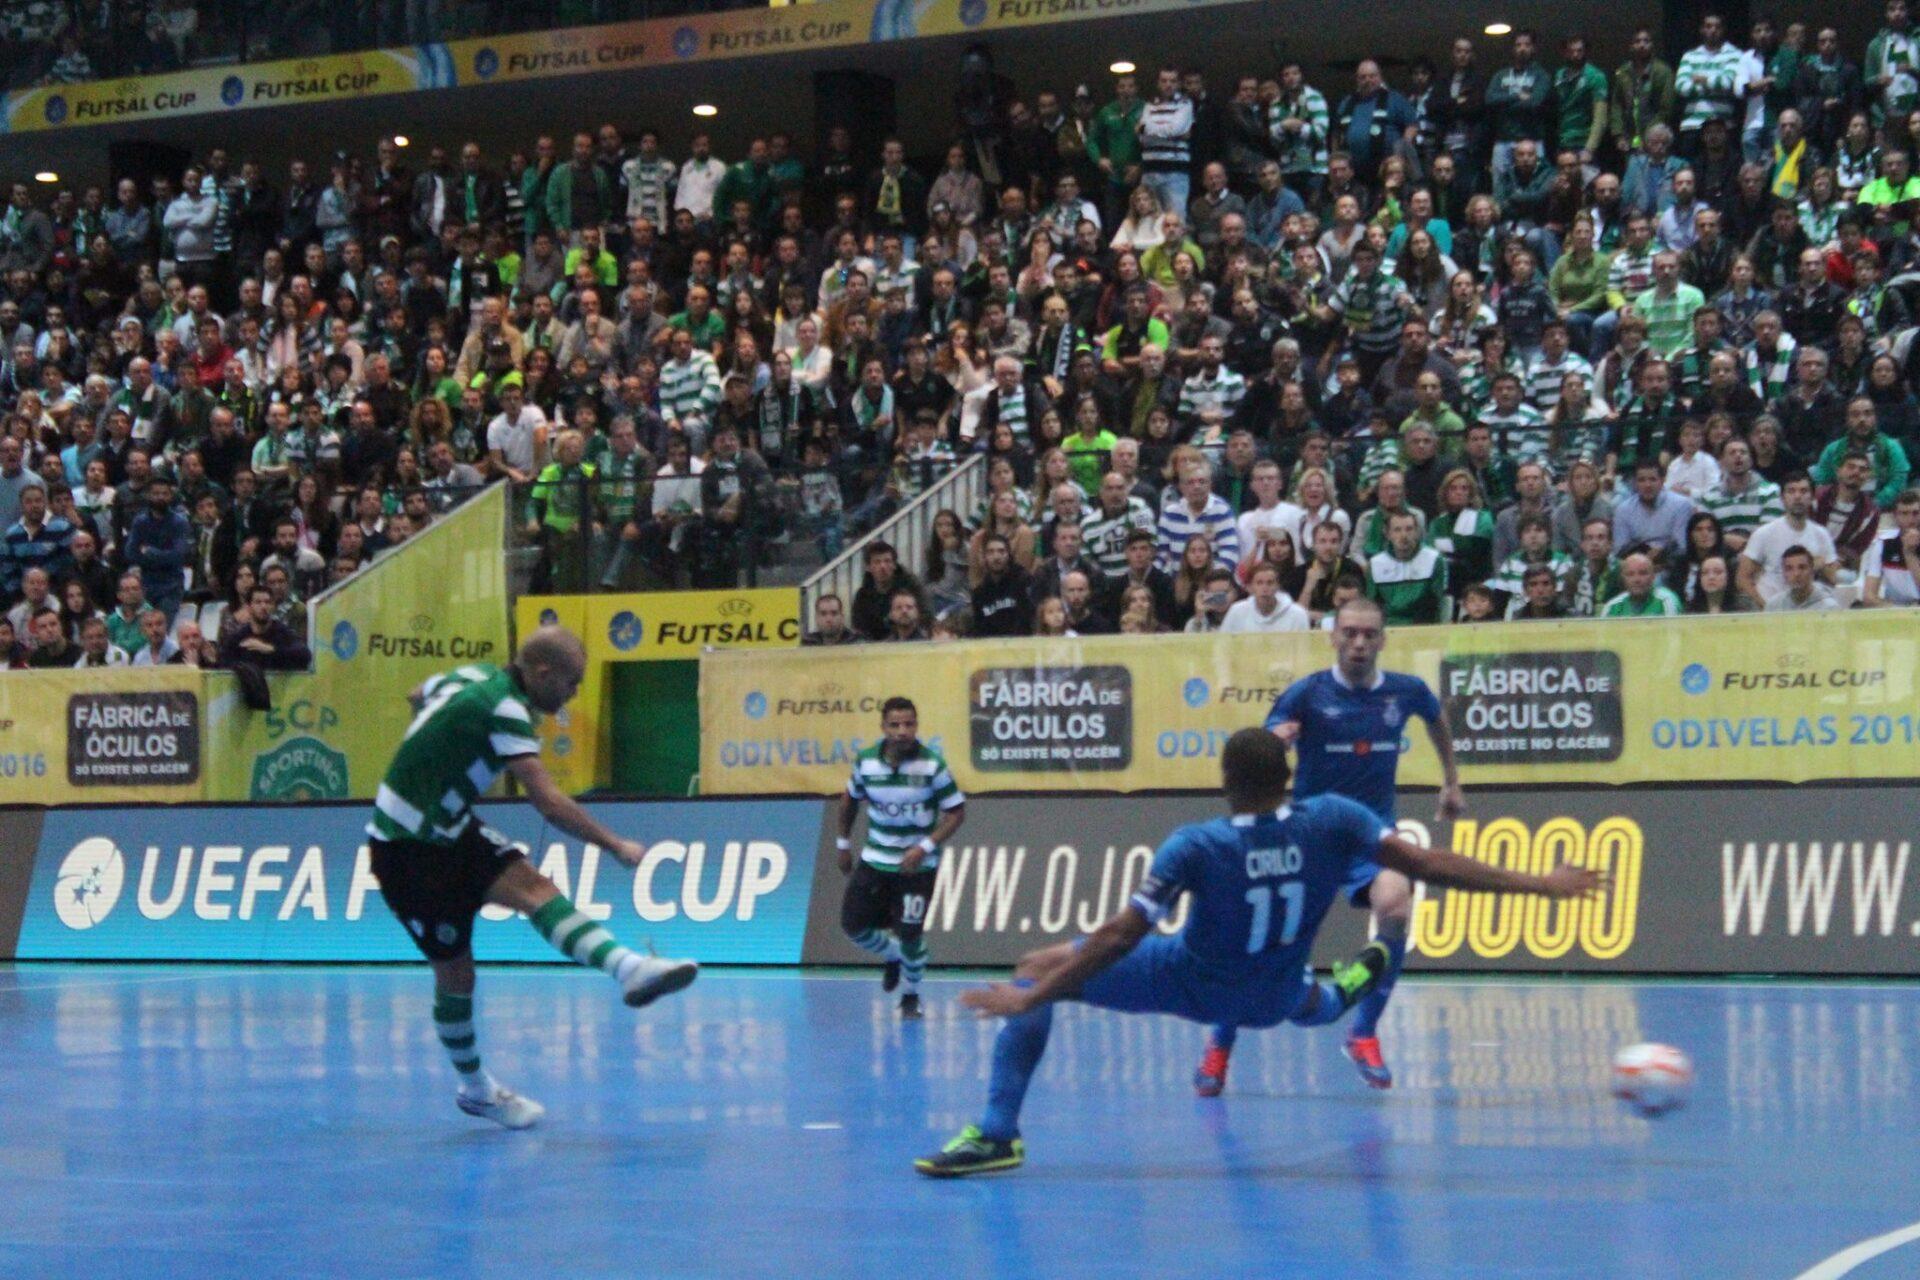 sporting-uefa-futsal-cup-dia-3-2016-golo